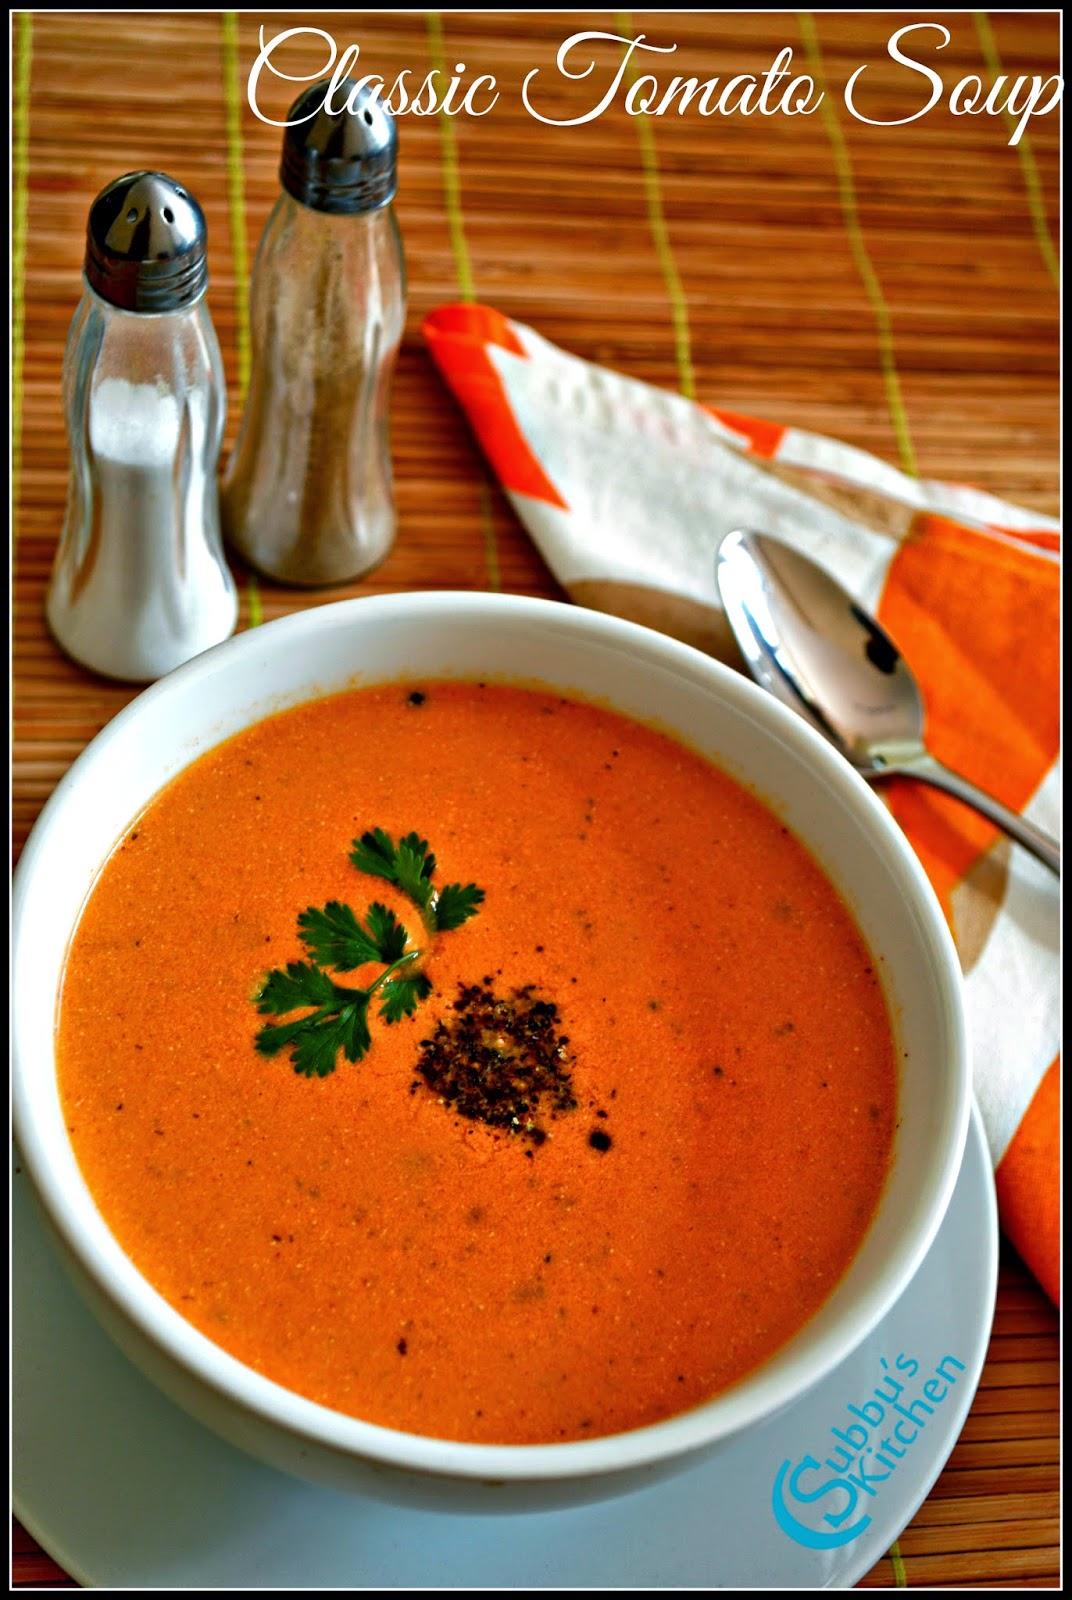 Tomato Soup Recipe | Classic Tomato Soup Recipe